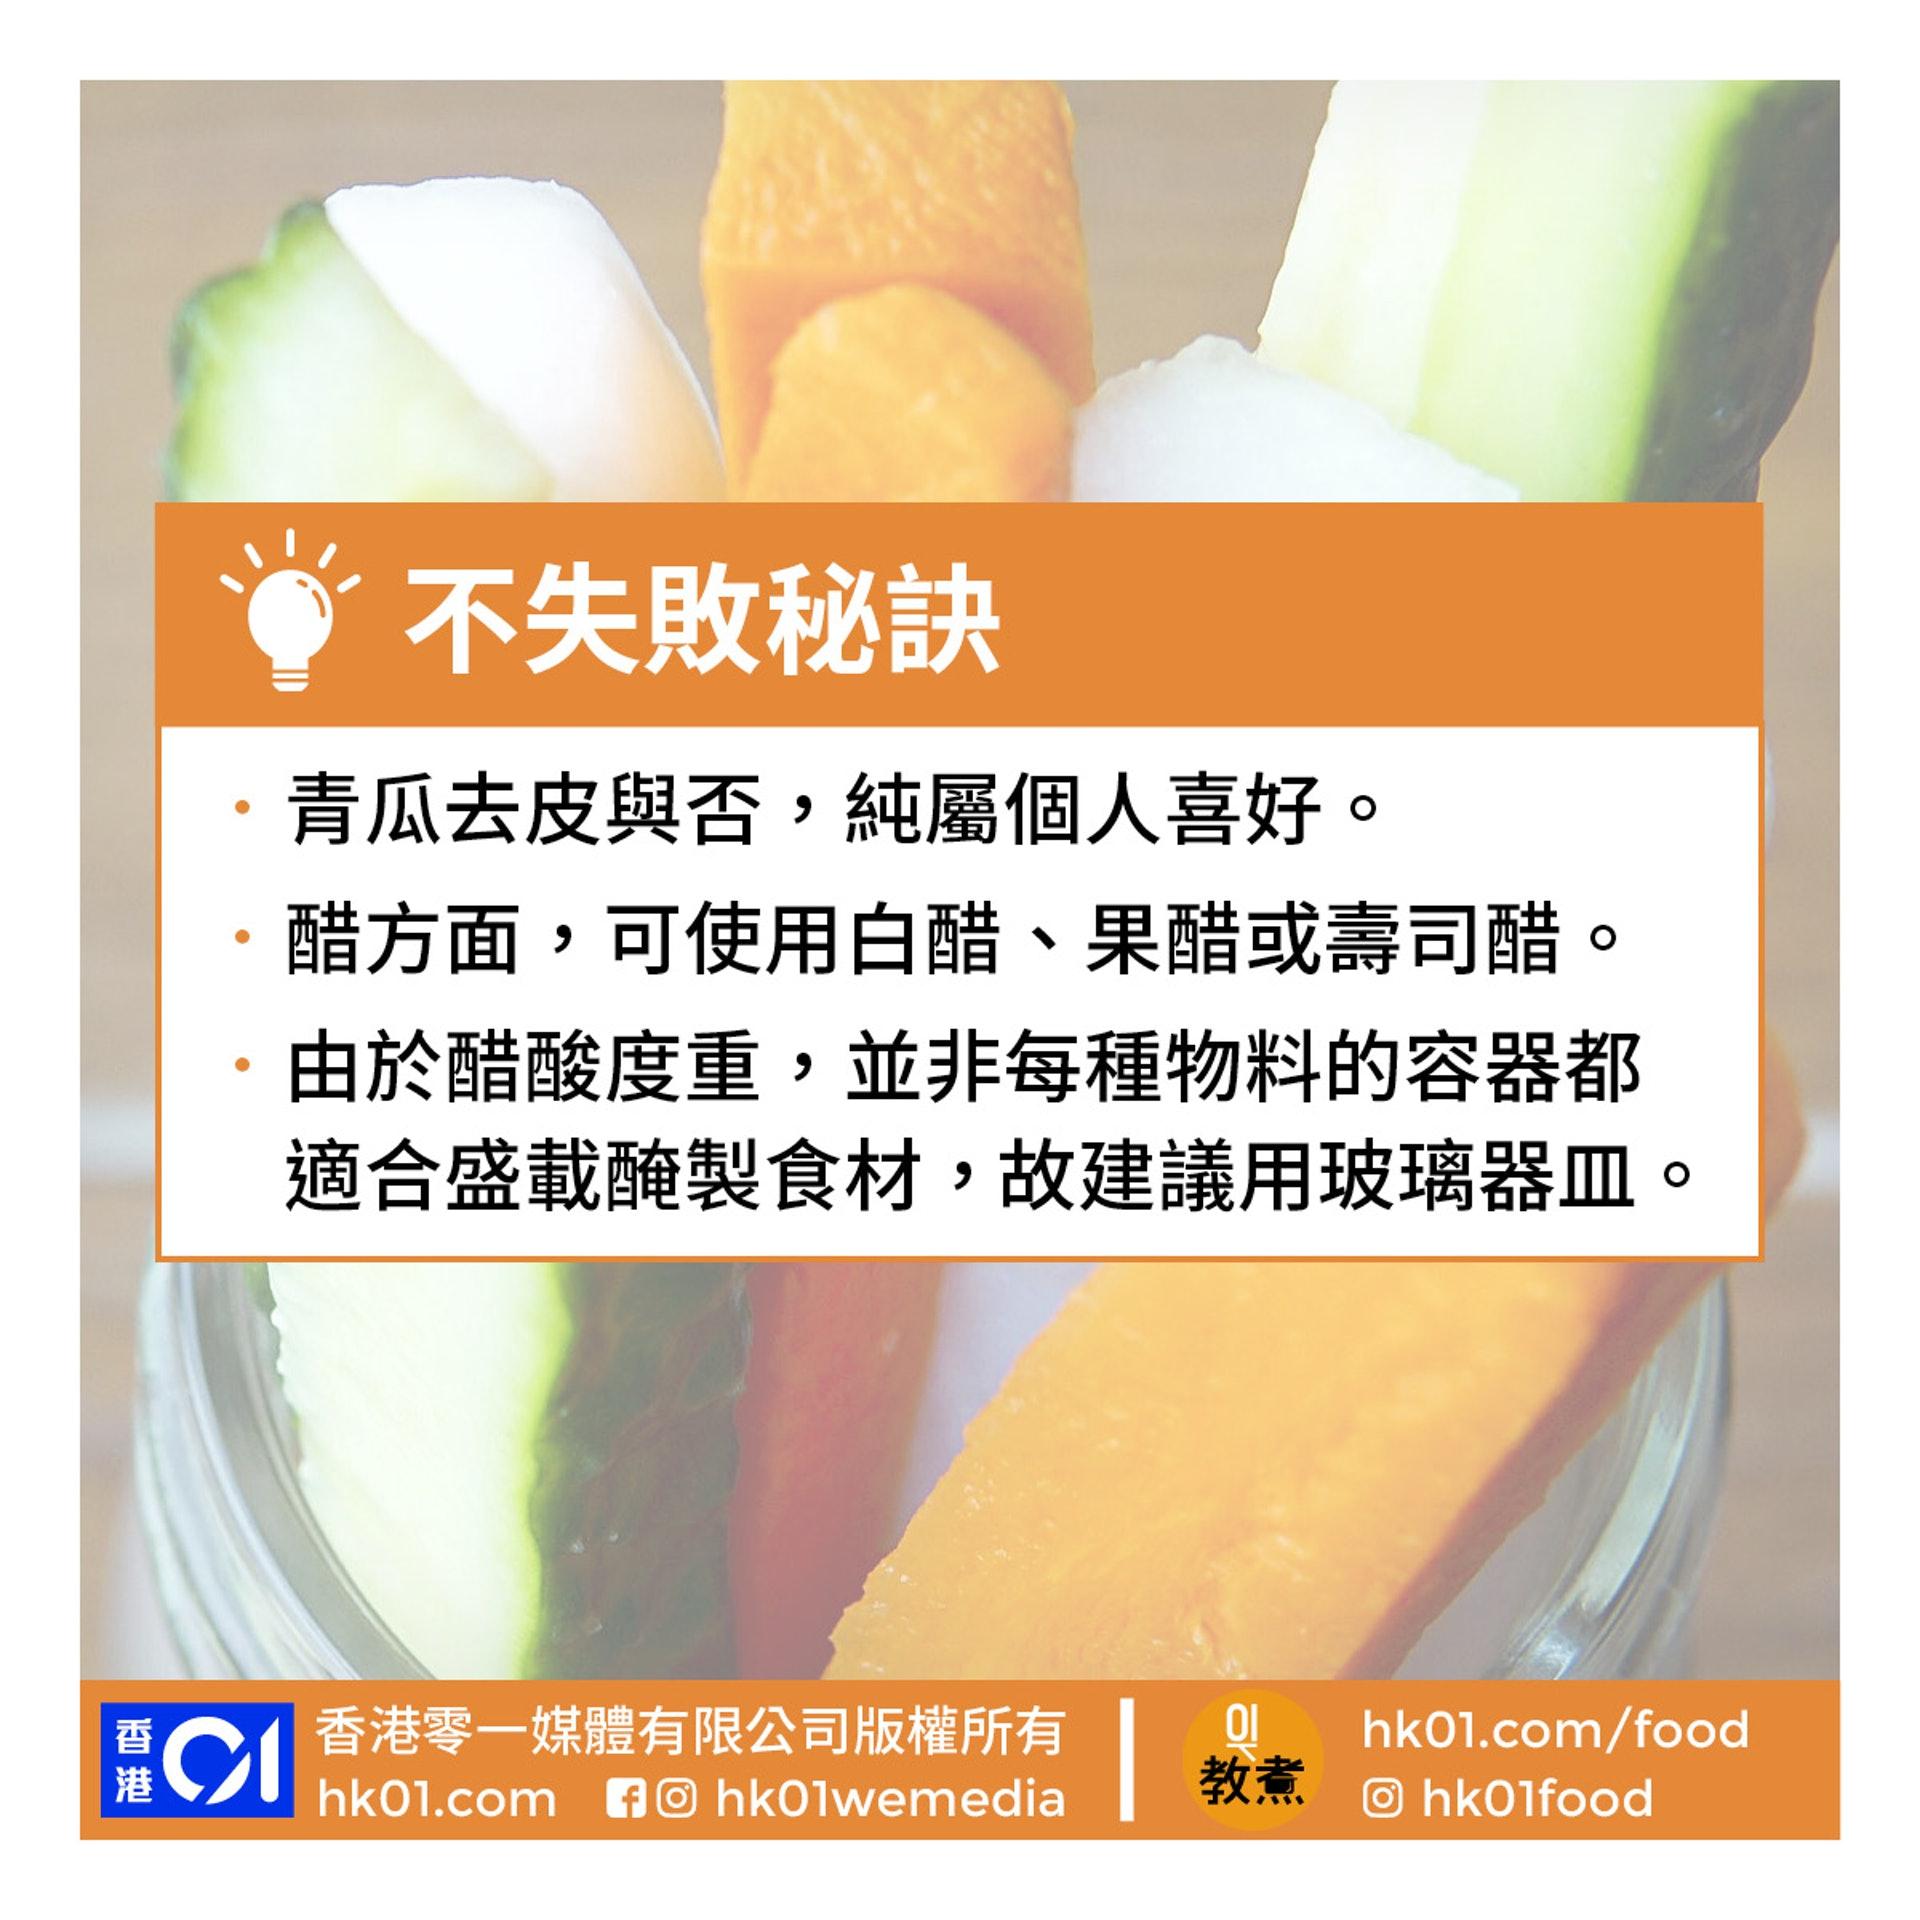 醋醃蔬菜食譜